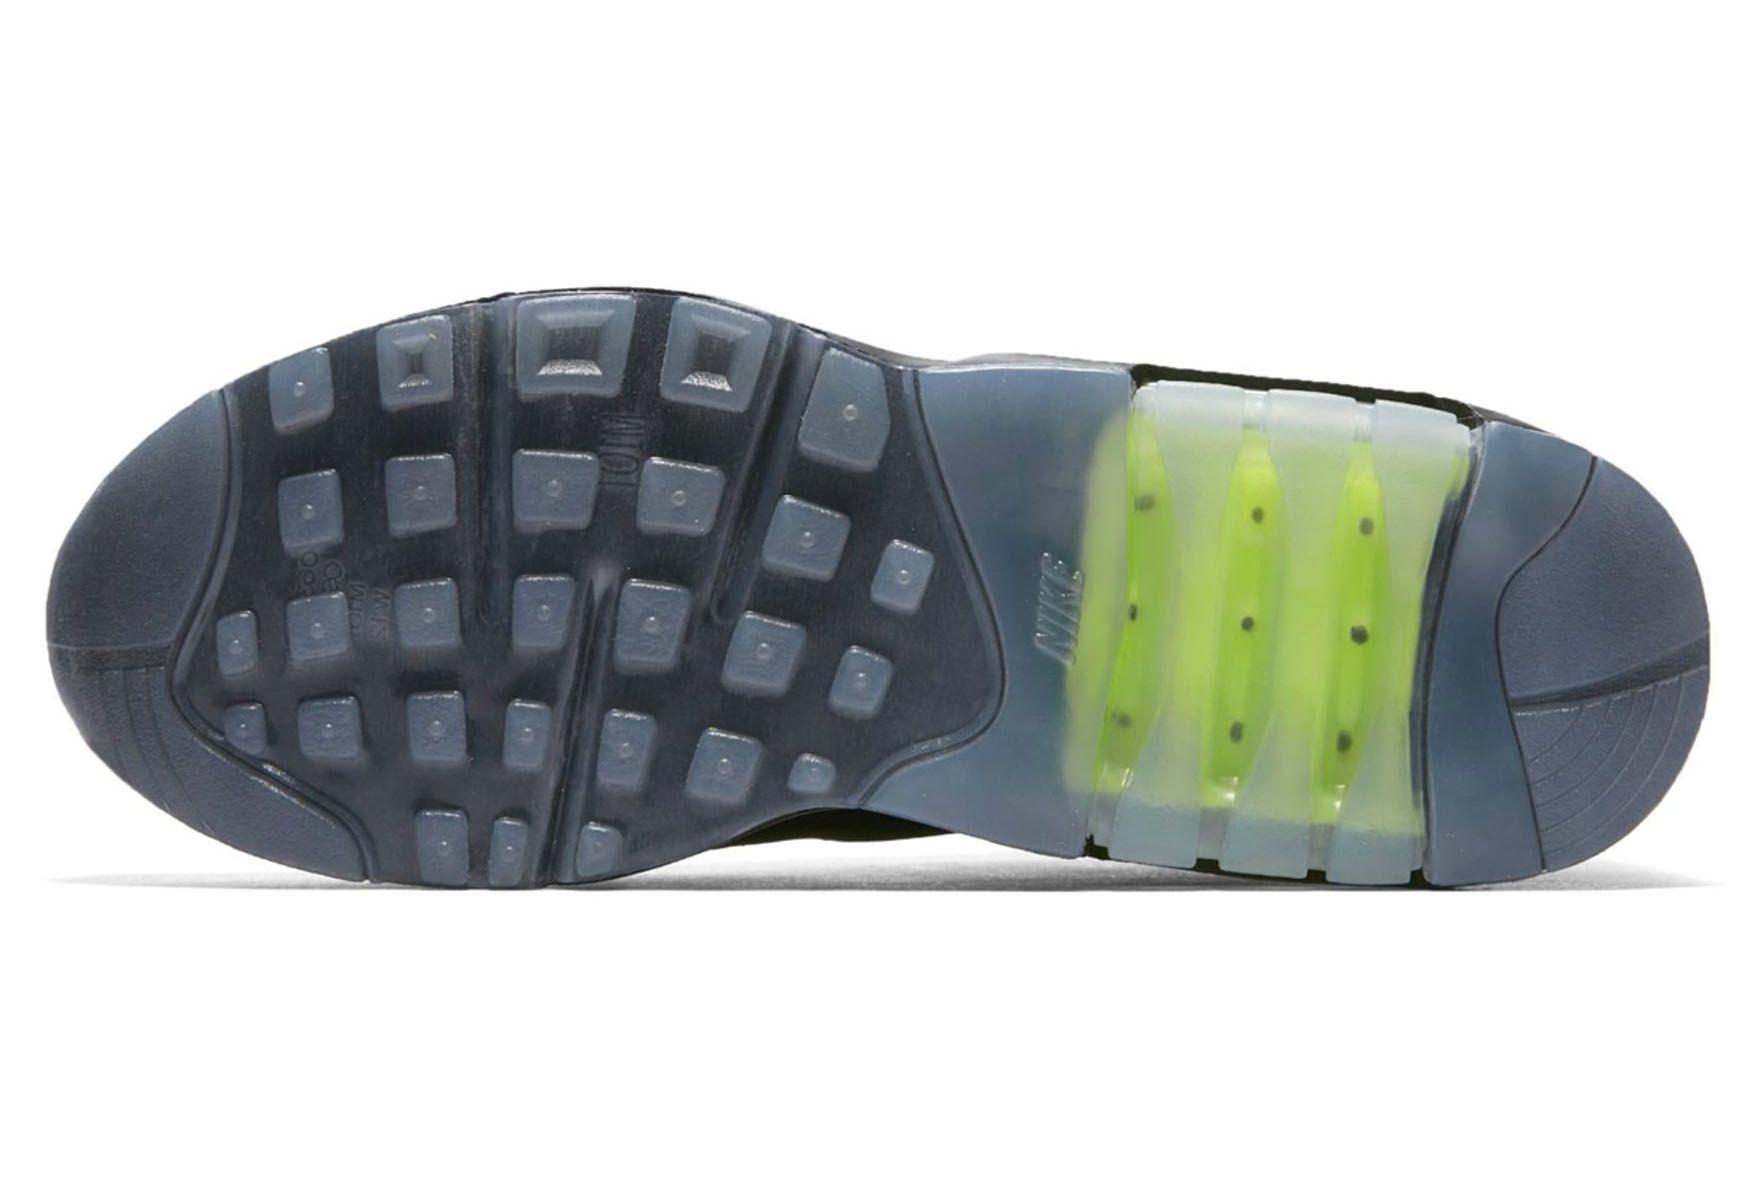 Nike Air Max 180 Black Volt First Look 005 Sneaker Freaker